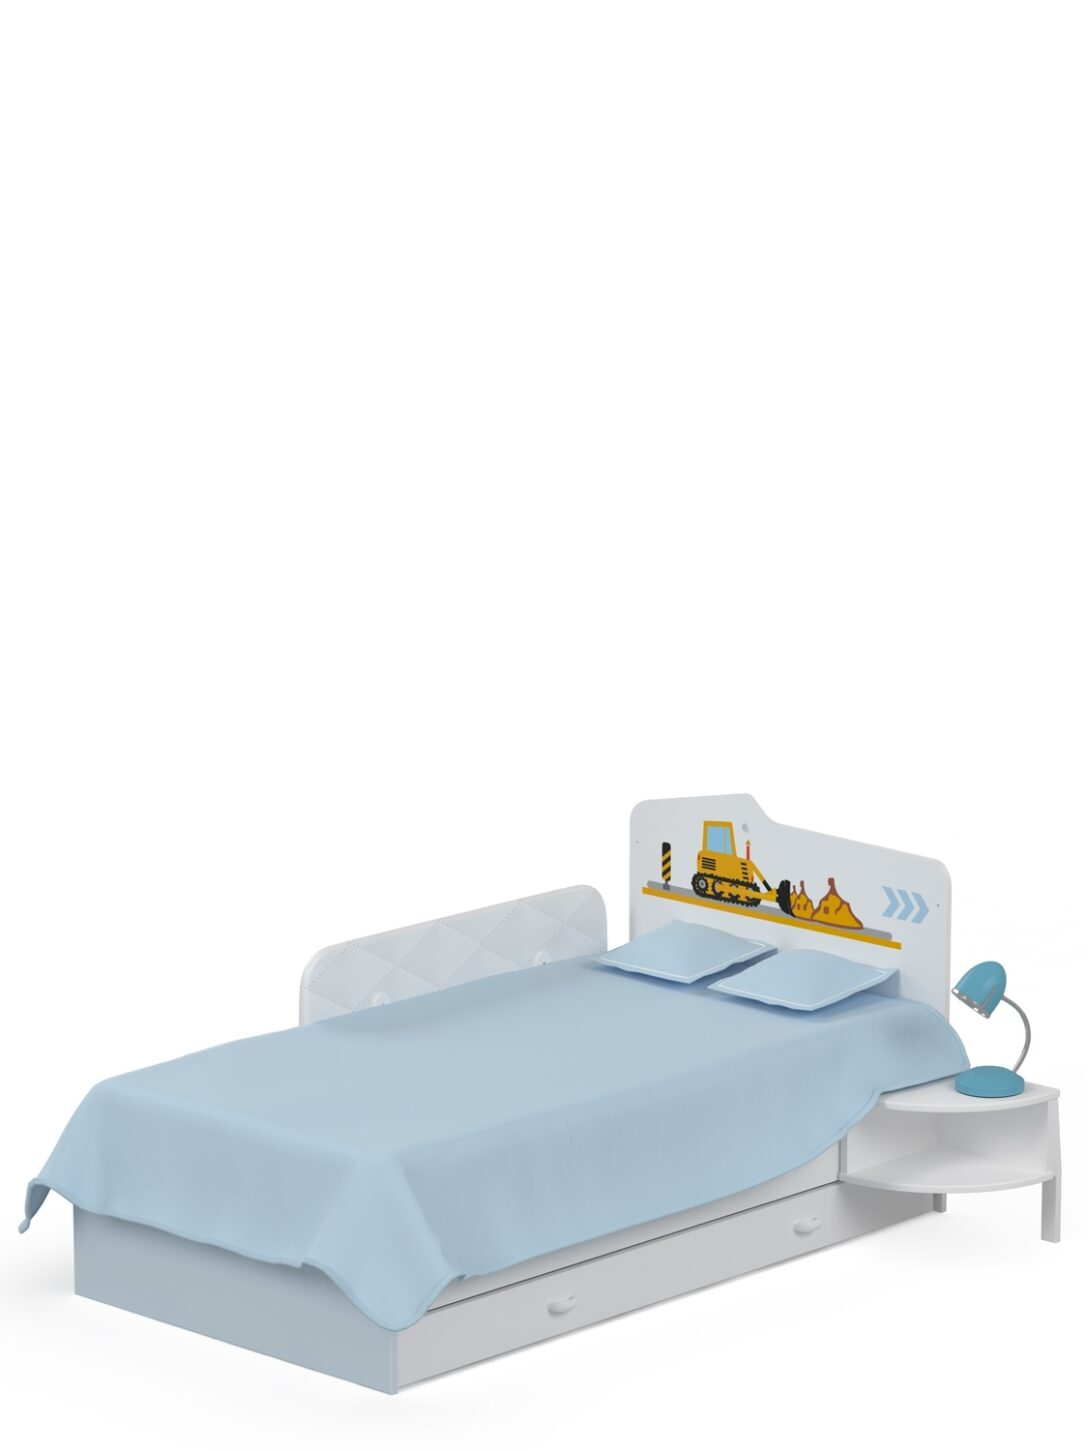 Large Size of Bettgestell 120x200 Bett Builder Meblik Mit Matratze Und Lattenrost Betten Bettkasten Weiß Wohnzimmer Bettgestell 120x200